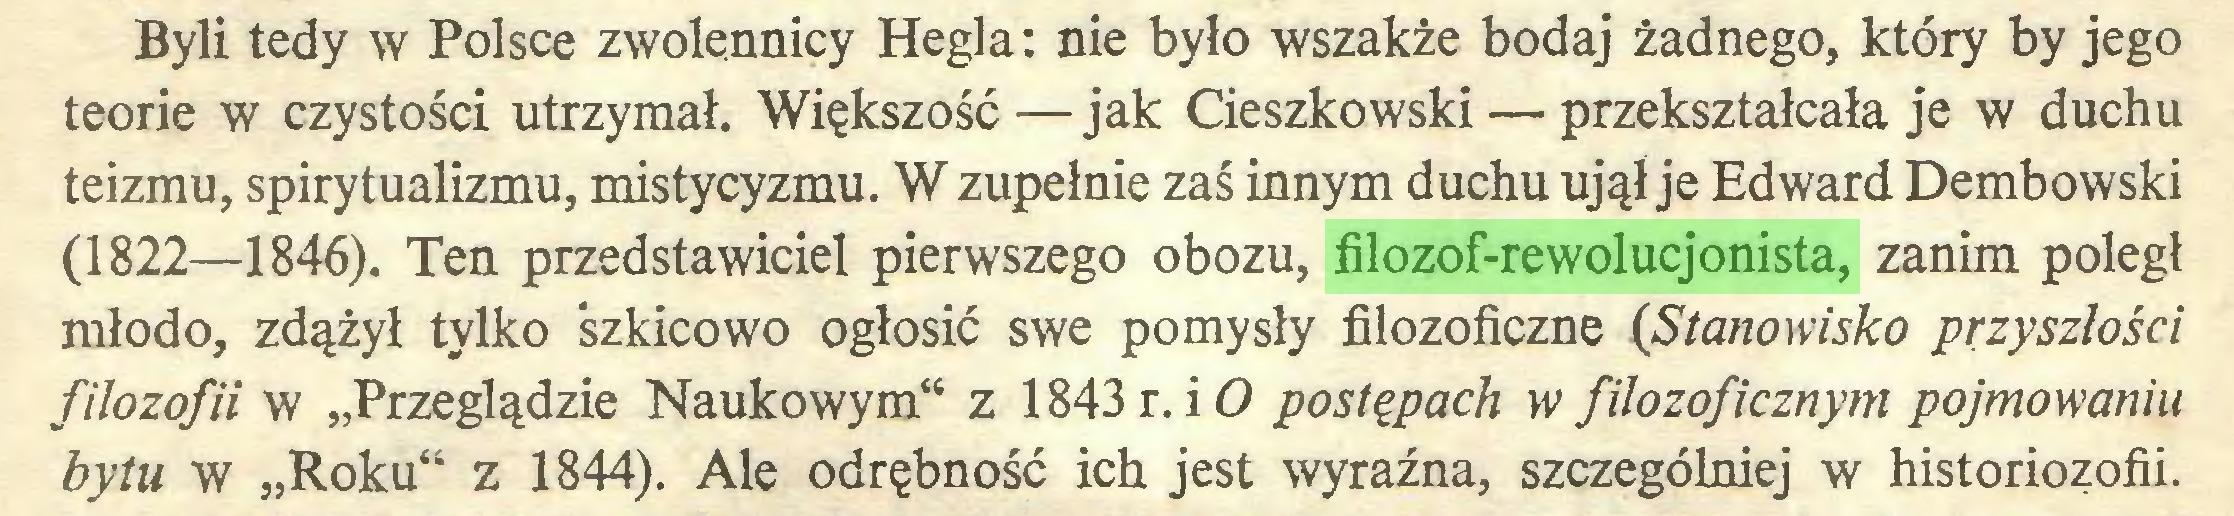 """(...) Byli tedy w Polsce zwolennicy Hegla: nie było wszakże bodaj żadnego, który by jego teorie w czystości utrzymał. Większość—jak Cieszkowski — przekształcała je w duchu teizmu, spirytualizmu, mistycyzmu. W zupełnie zaś innym duchu ujął je Edward Dembowski (1822—1846). Ten przedstawiciel pierwszego obozu, filozof-rewolucjonista, zanim poległ młodo, zdążył tylko 'szkicowo ogłosić swe pomysły filozoficzne (Stanowisko przyszłości filozofii w """"Przeglądzie Naukowym"""" z 1843 r. i O postępach w filozoficznym pojmowaniu bytu w """"Roku"""" z 1844). Ale odrębność ich jest wyraźna, szczególniej w historiozofii..."""